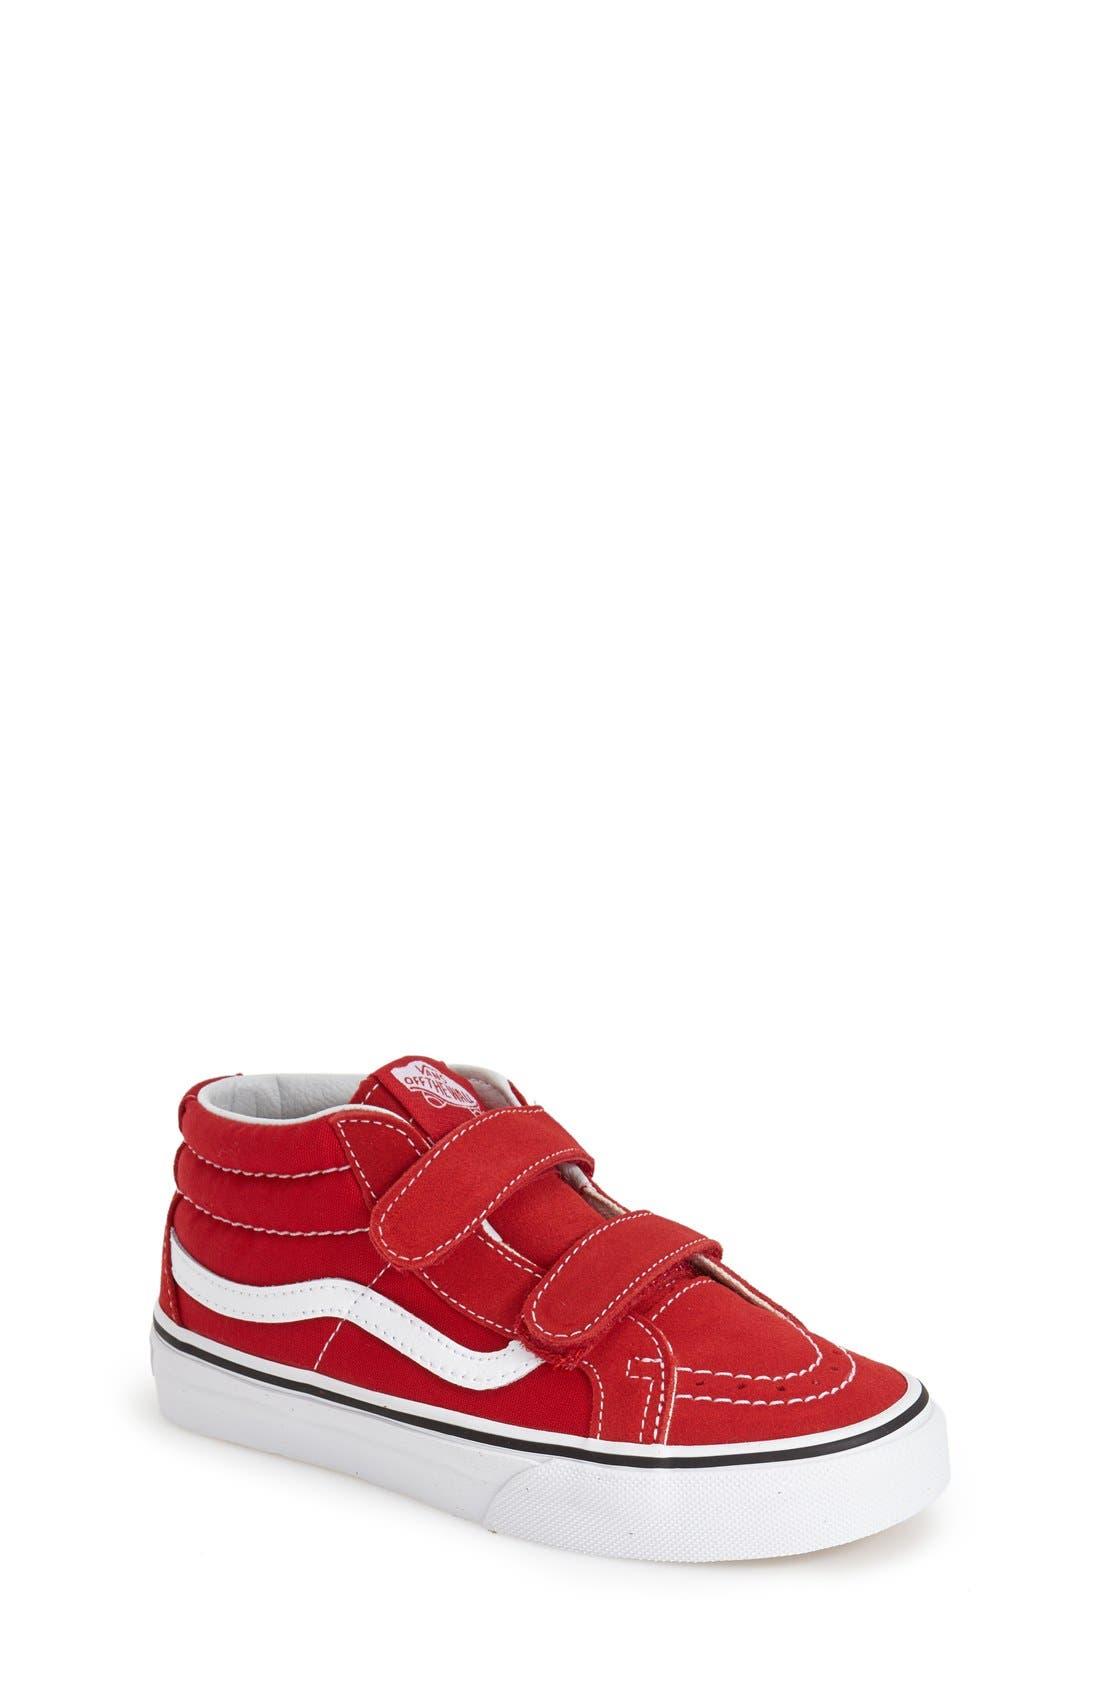 VANS, 'Sk8-Hi Reissue V' Sneaker, Main thumbnail 1, color, FORMULA ONE/ TRUE WHITE